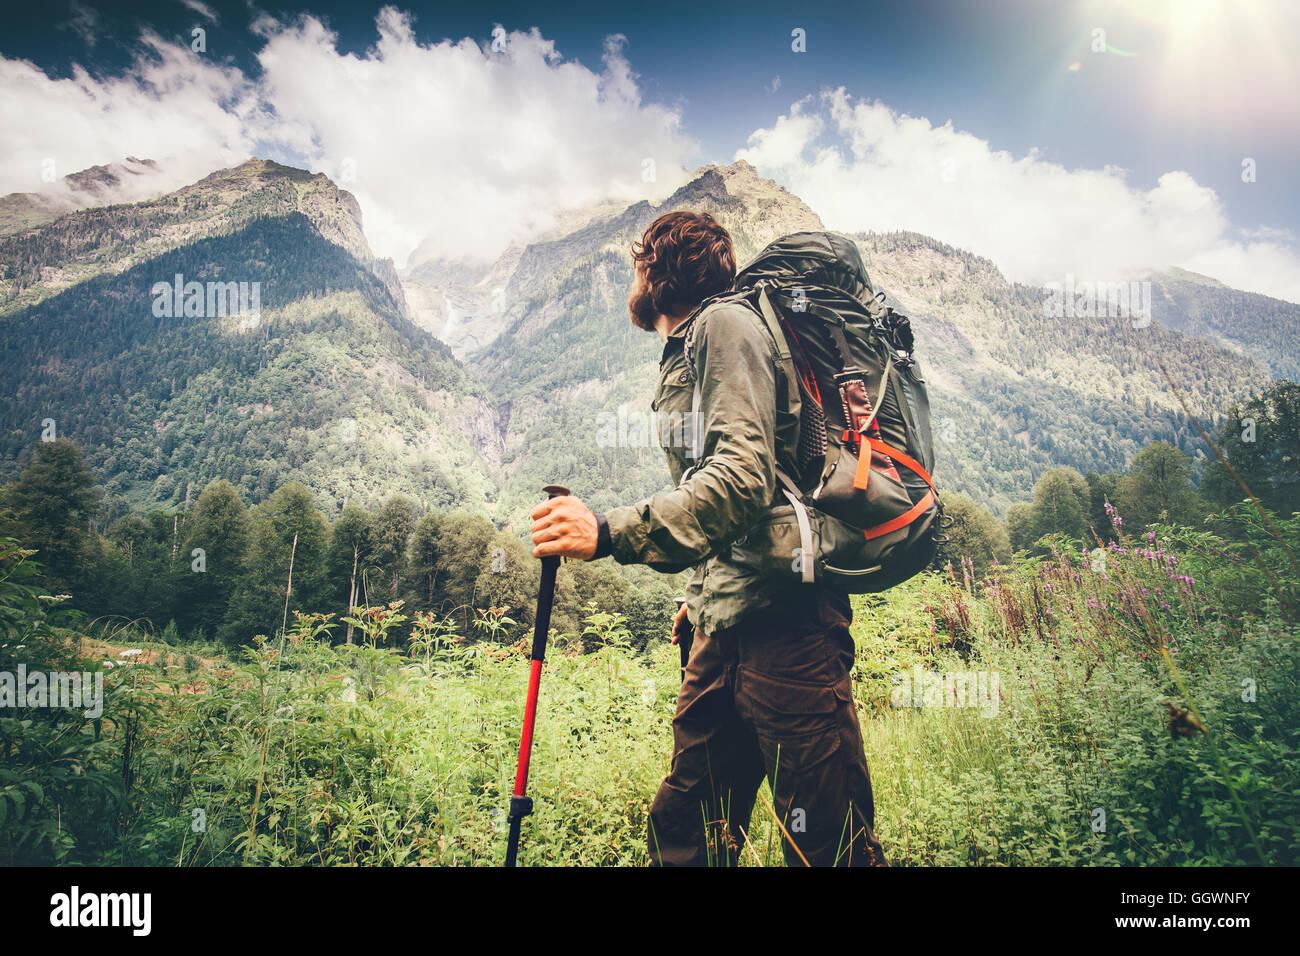 Homem explorer com mochila caminhadas viagem estilo conceito belas montanhas paisagem de fundo férias de aventura Foto de Stock